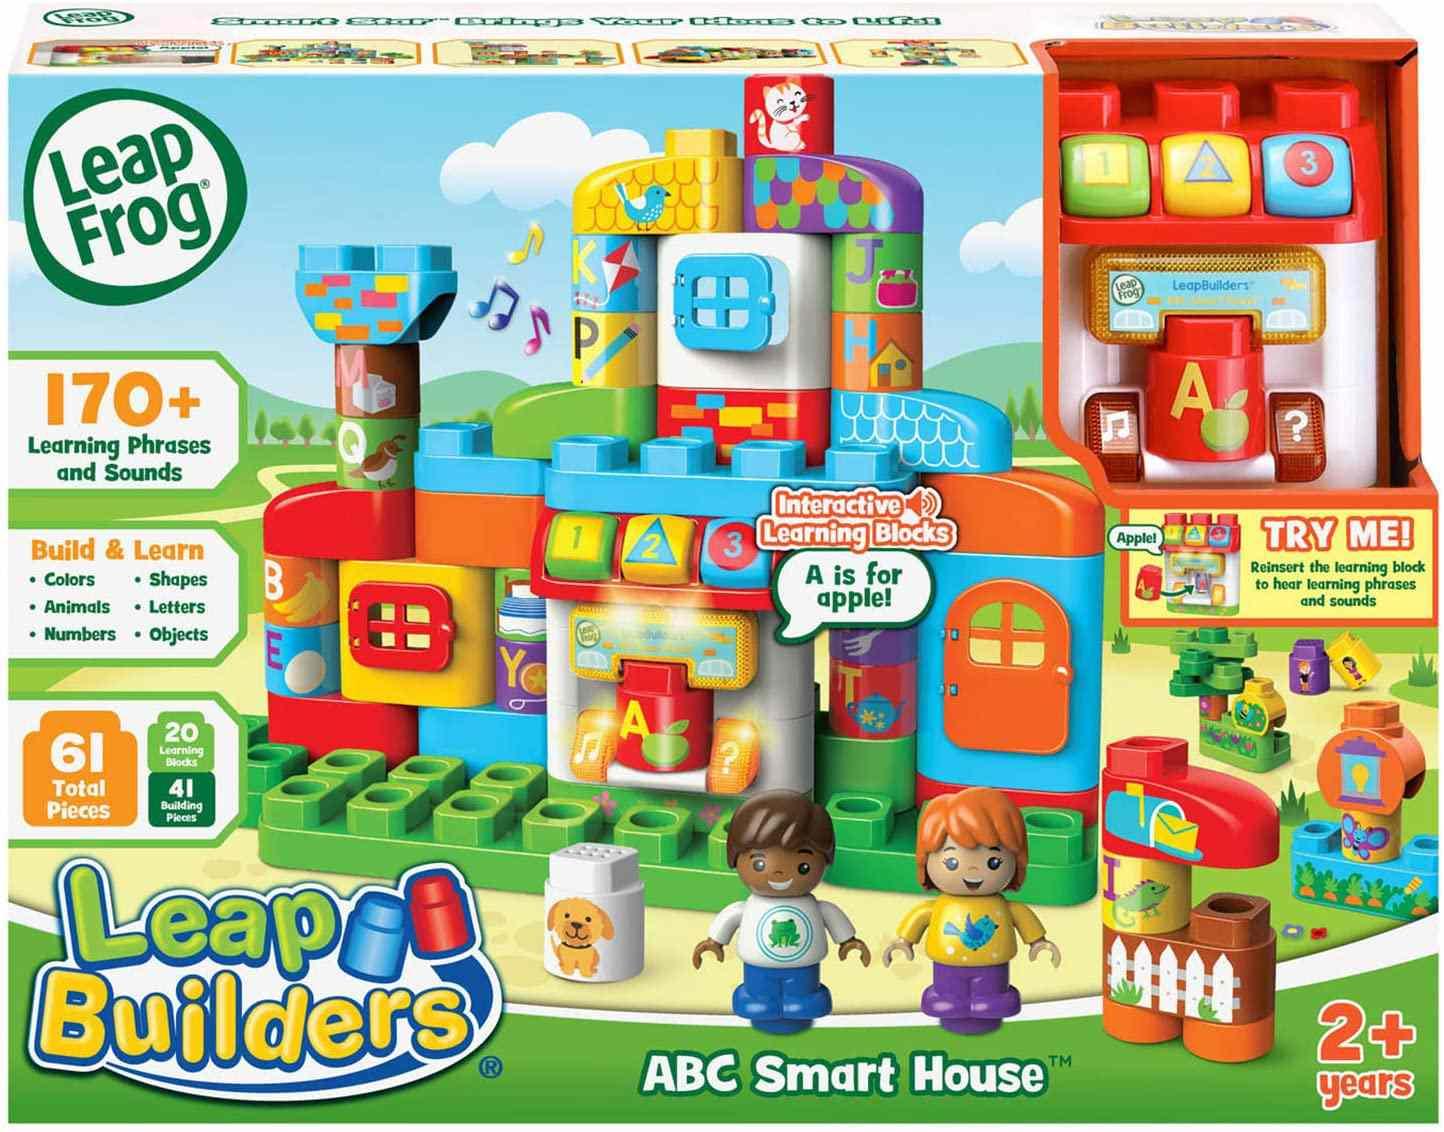 LeapFrog LeapBuilders ABC Smart House